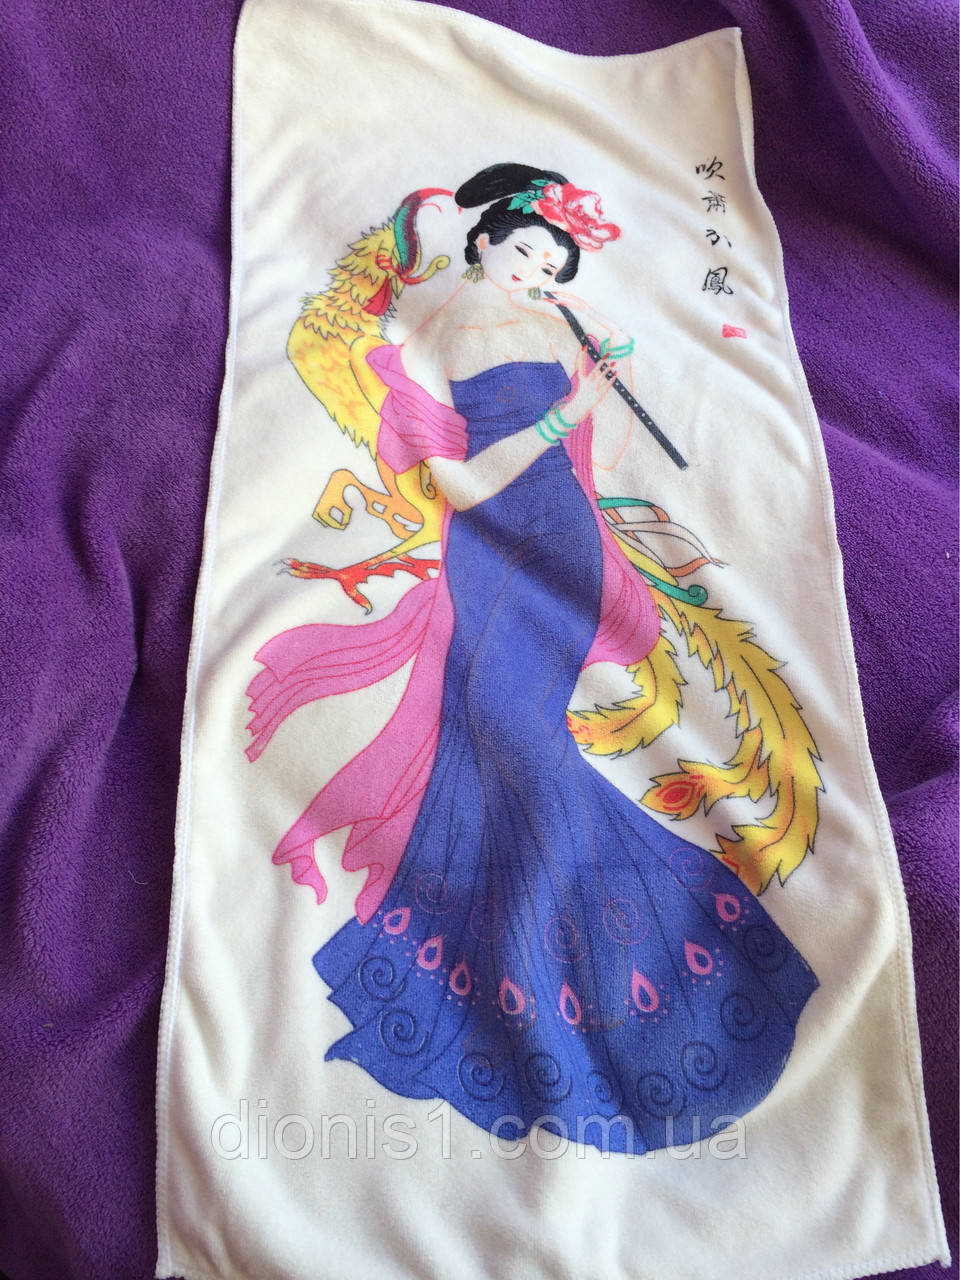 Девушка снимает полотенце фото 484-994